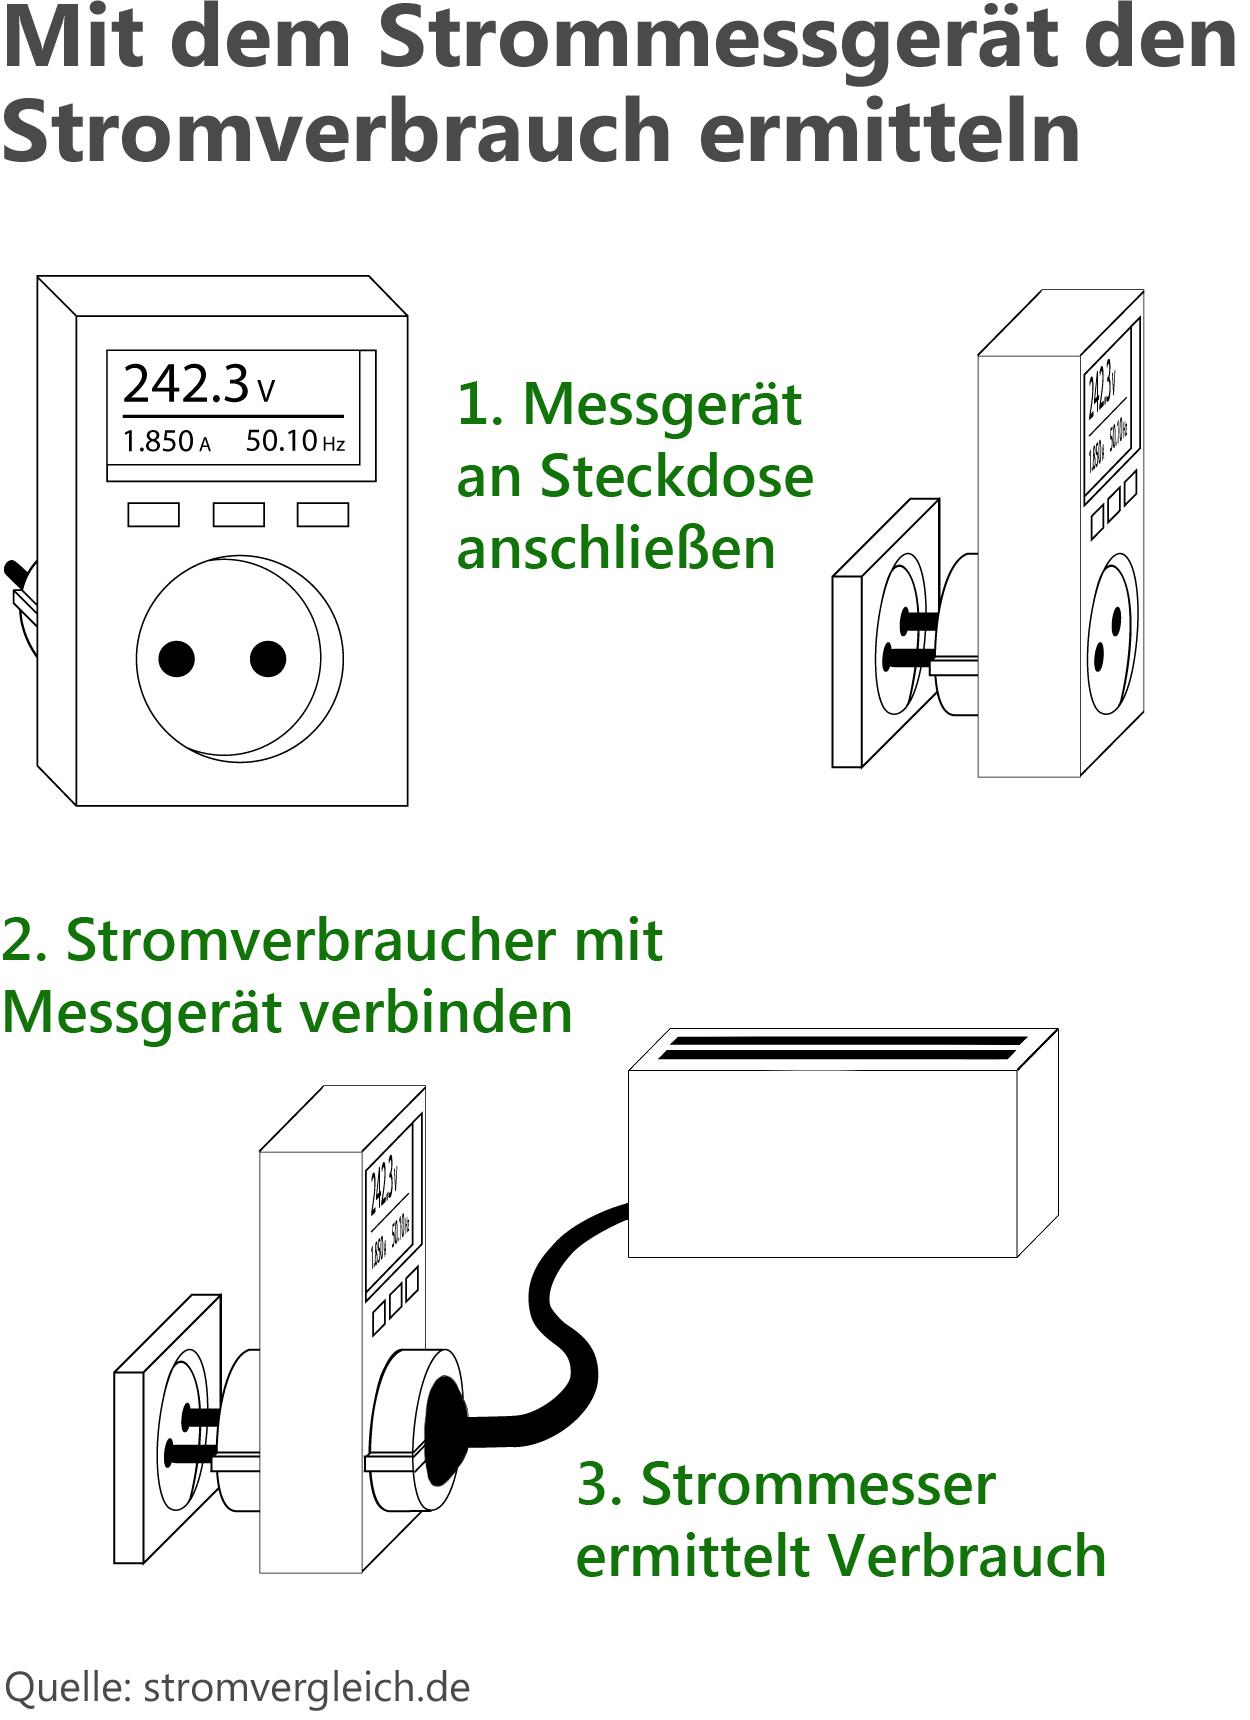 Mit Einem Strommesser Den Verbrauch Ermitteln